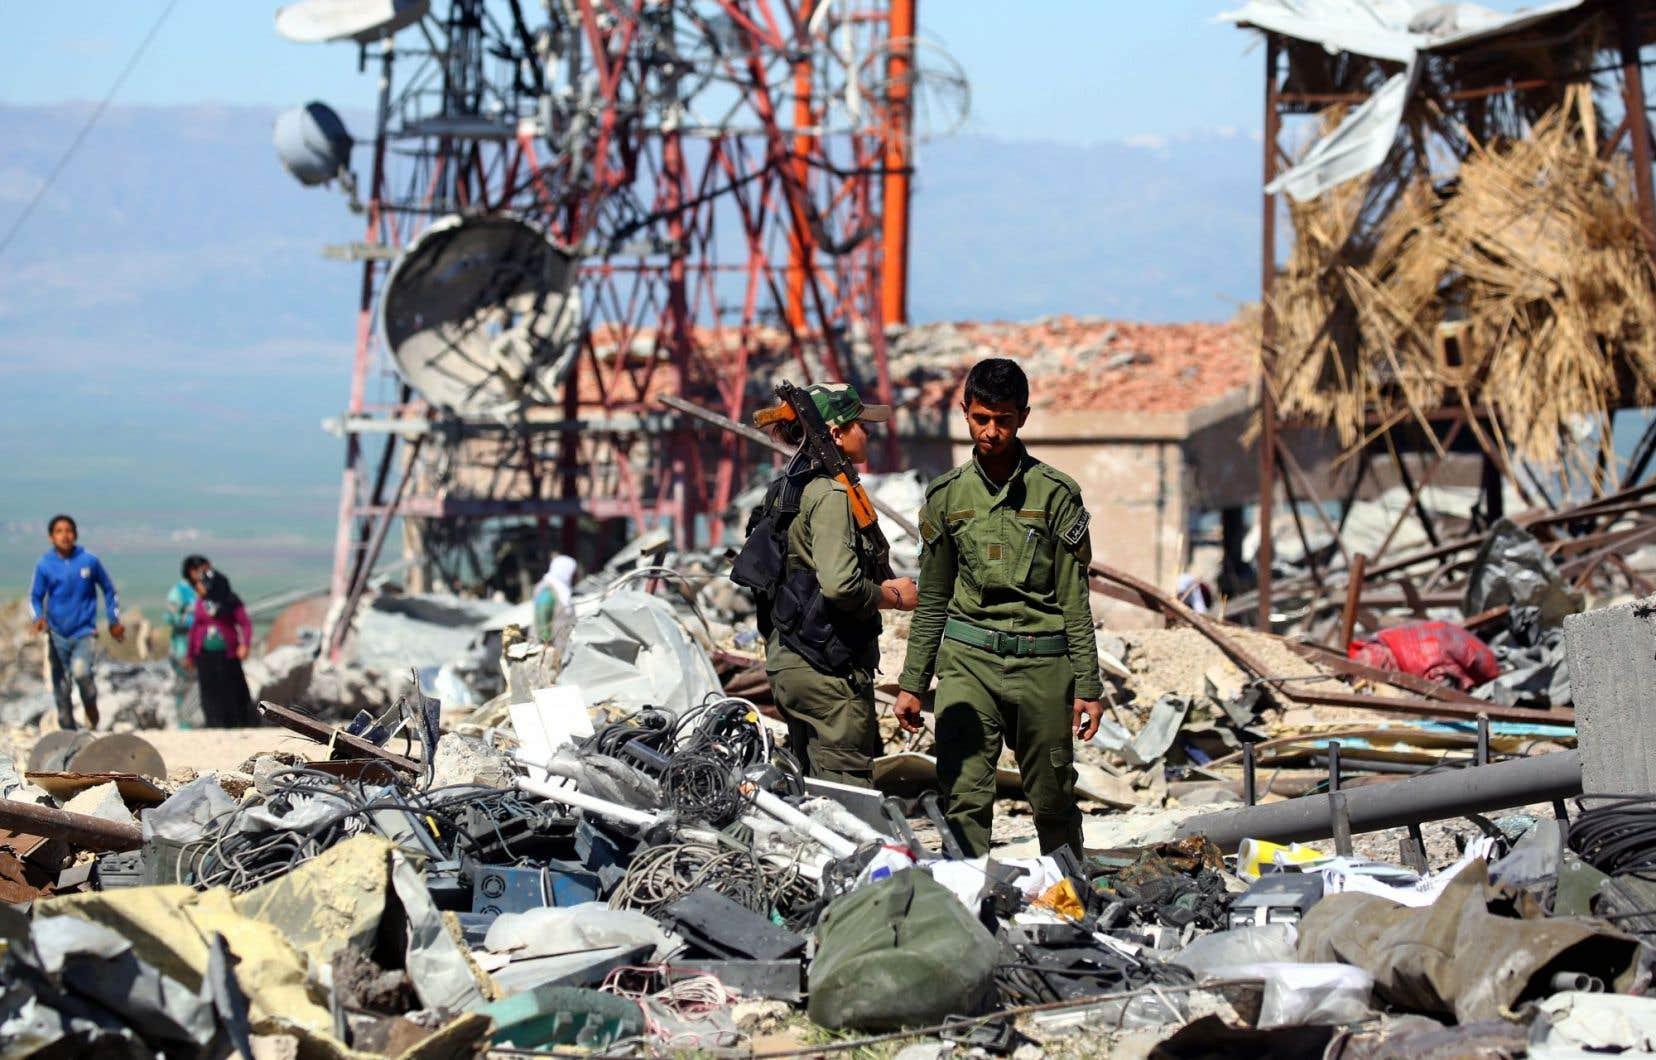 Selon l'OSDH, 18 personnes ont péri dans les frappes turques près de la ville d'Al-Malikiyah, proche de la frontière turque.